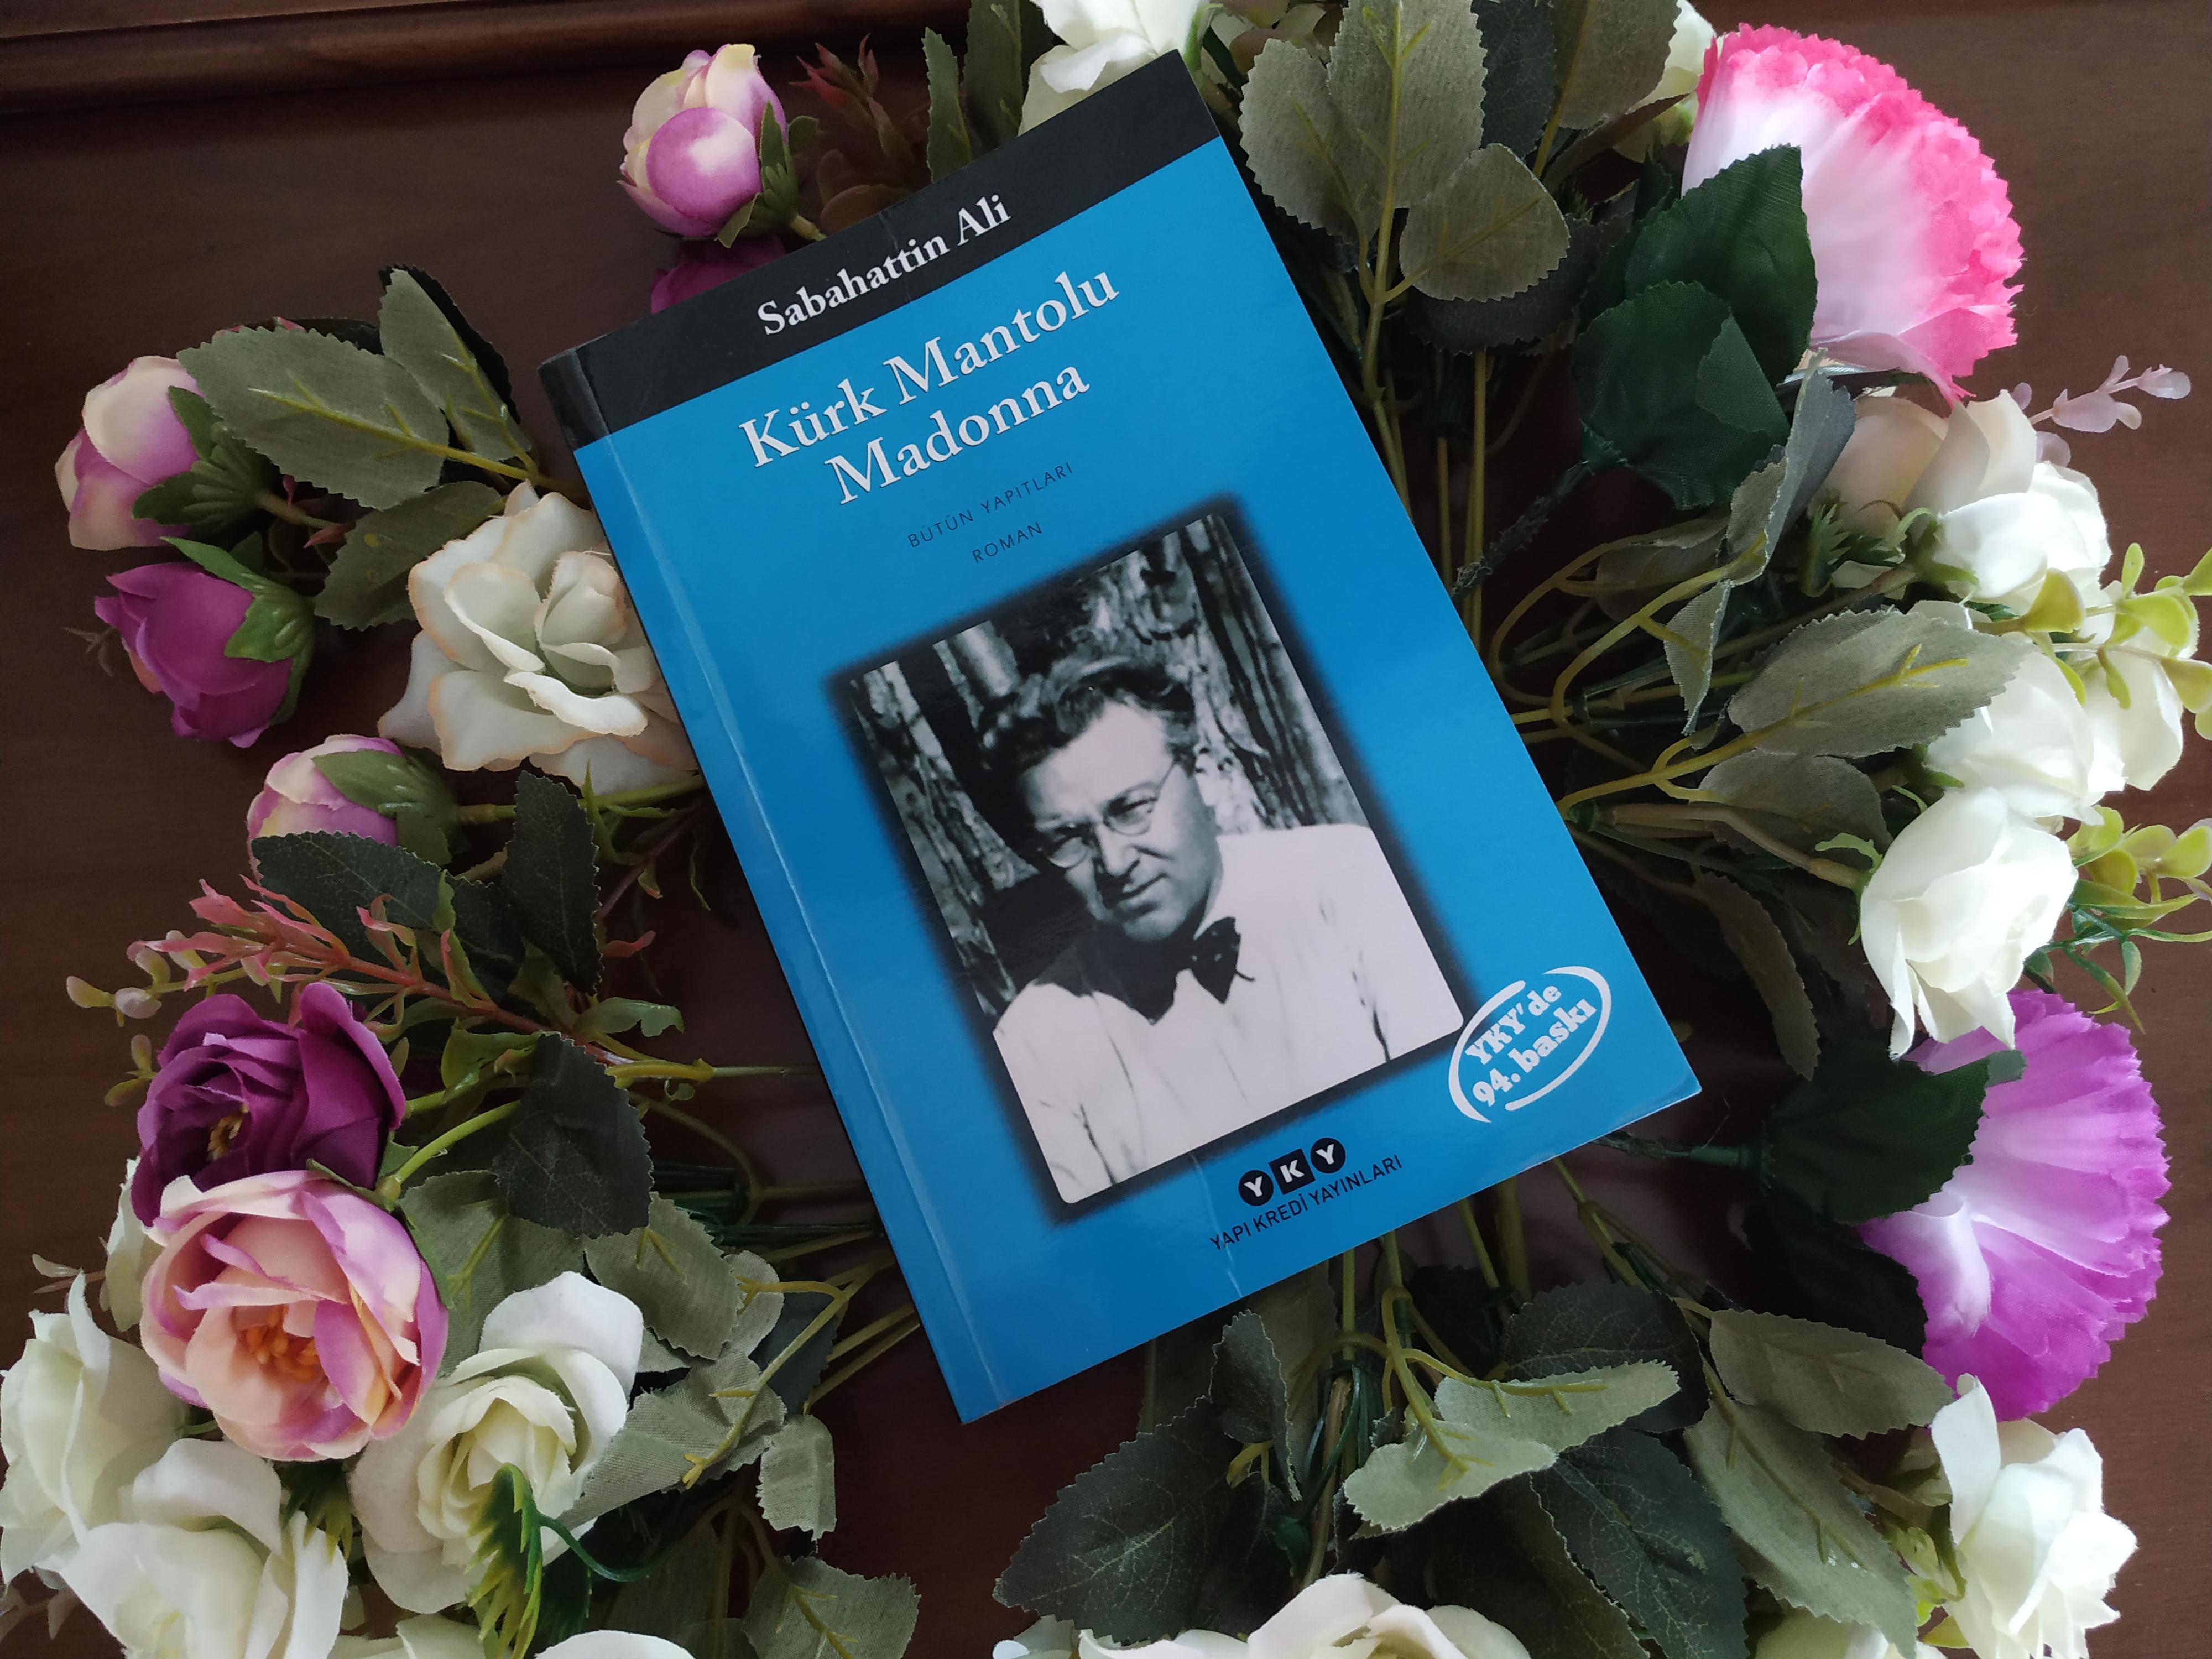 Sabahattin Ali – Kürk Mantolu Madonna kitabı hakkında düşüncelerim